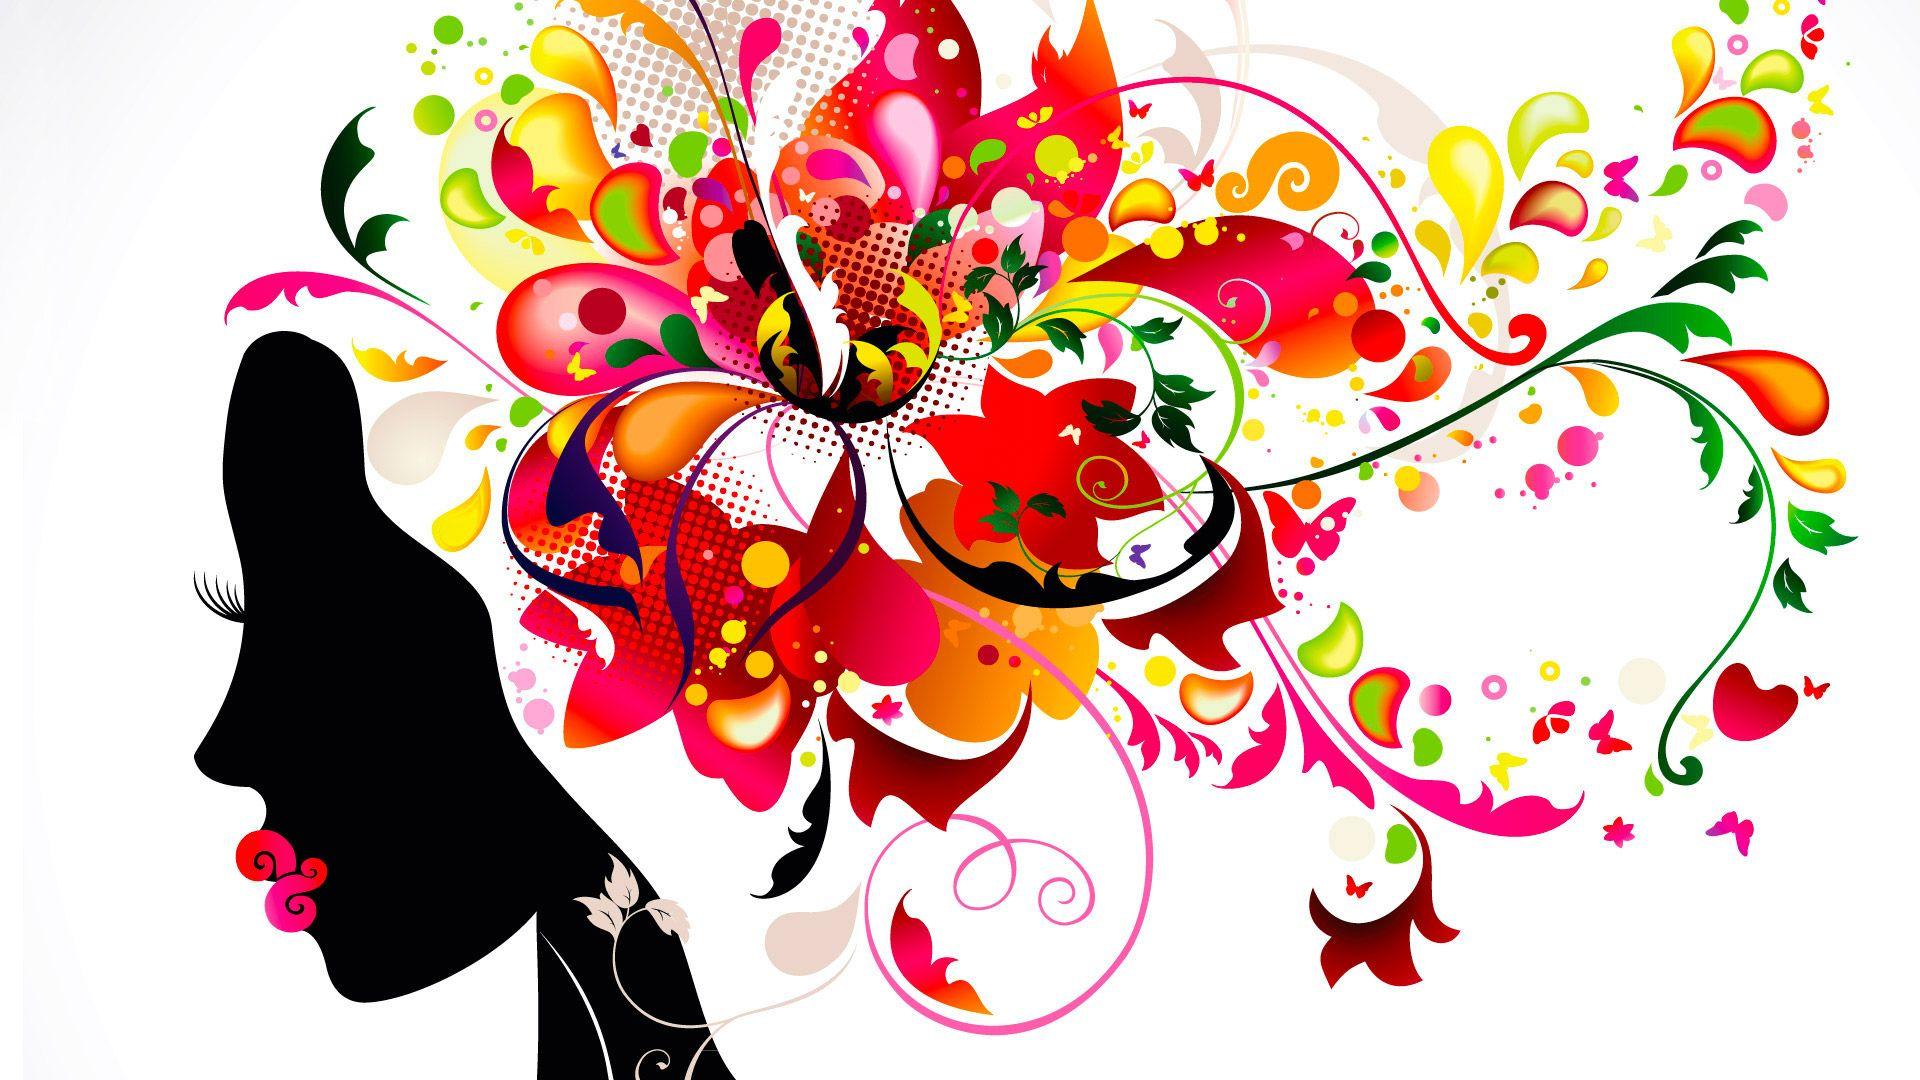 diseños graficos creativos - Buscar con Google | Disenos ...